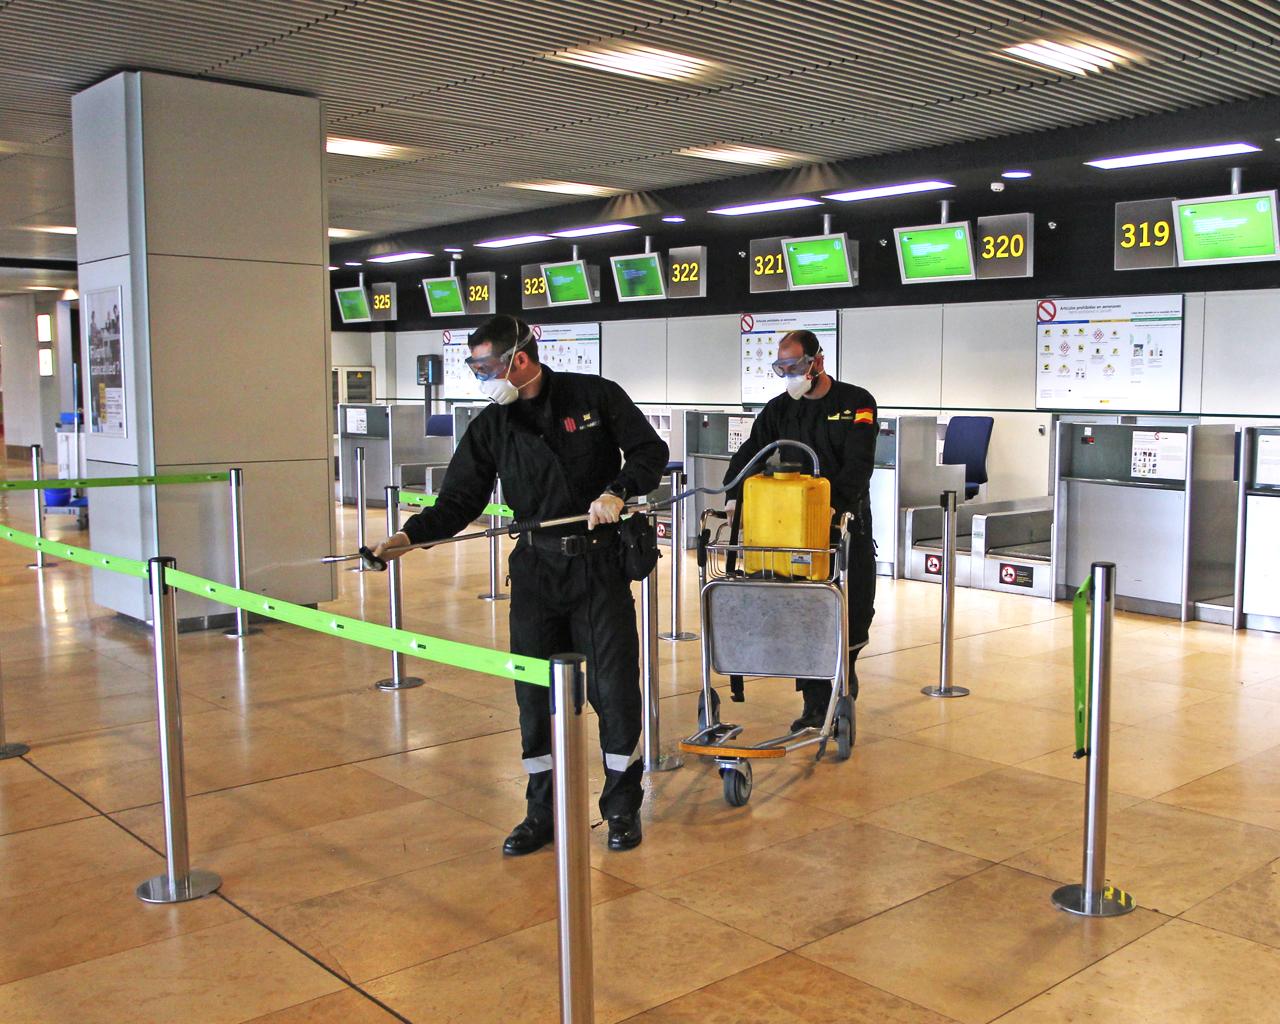 La UME (Unidad Militar de Emergencias) desinfecta el Aeropuerto Adolfo Suárez Madrid Barajas. Madrid. 18/03/2020.